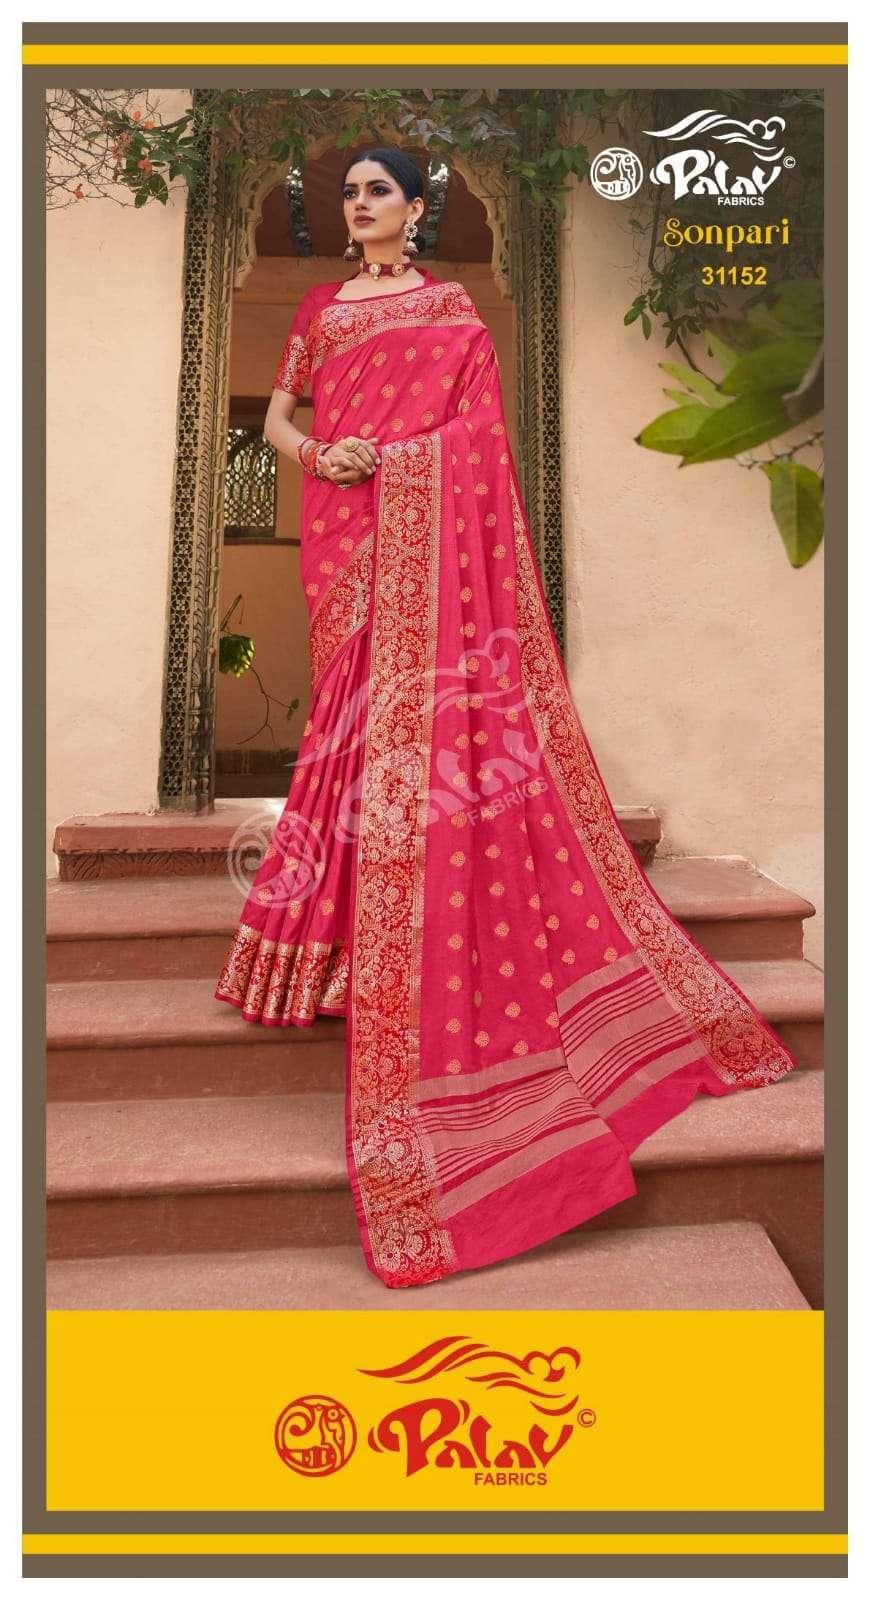 Palav Fabrics Sonpari Silk Traditional Sarees Collection 01